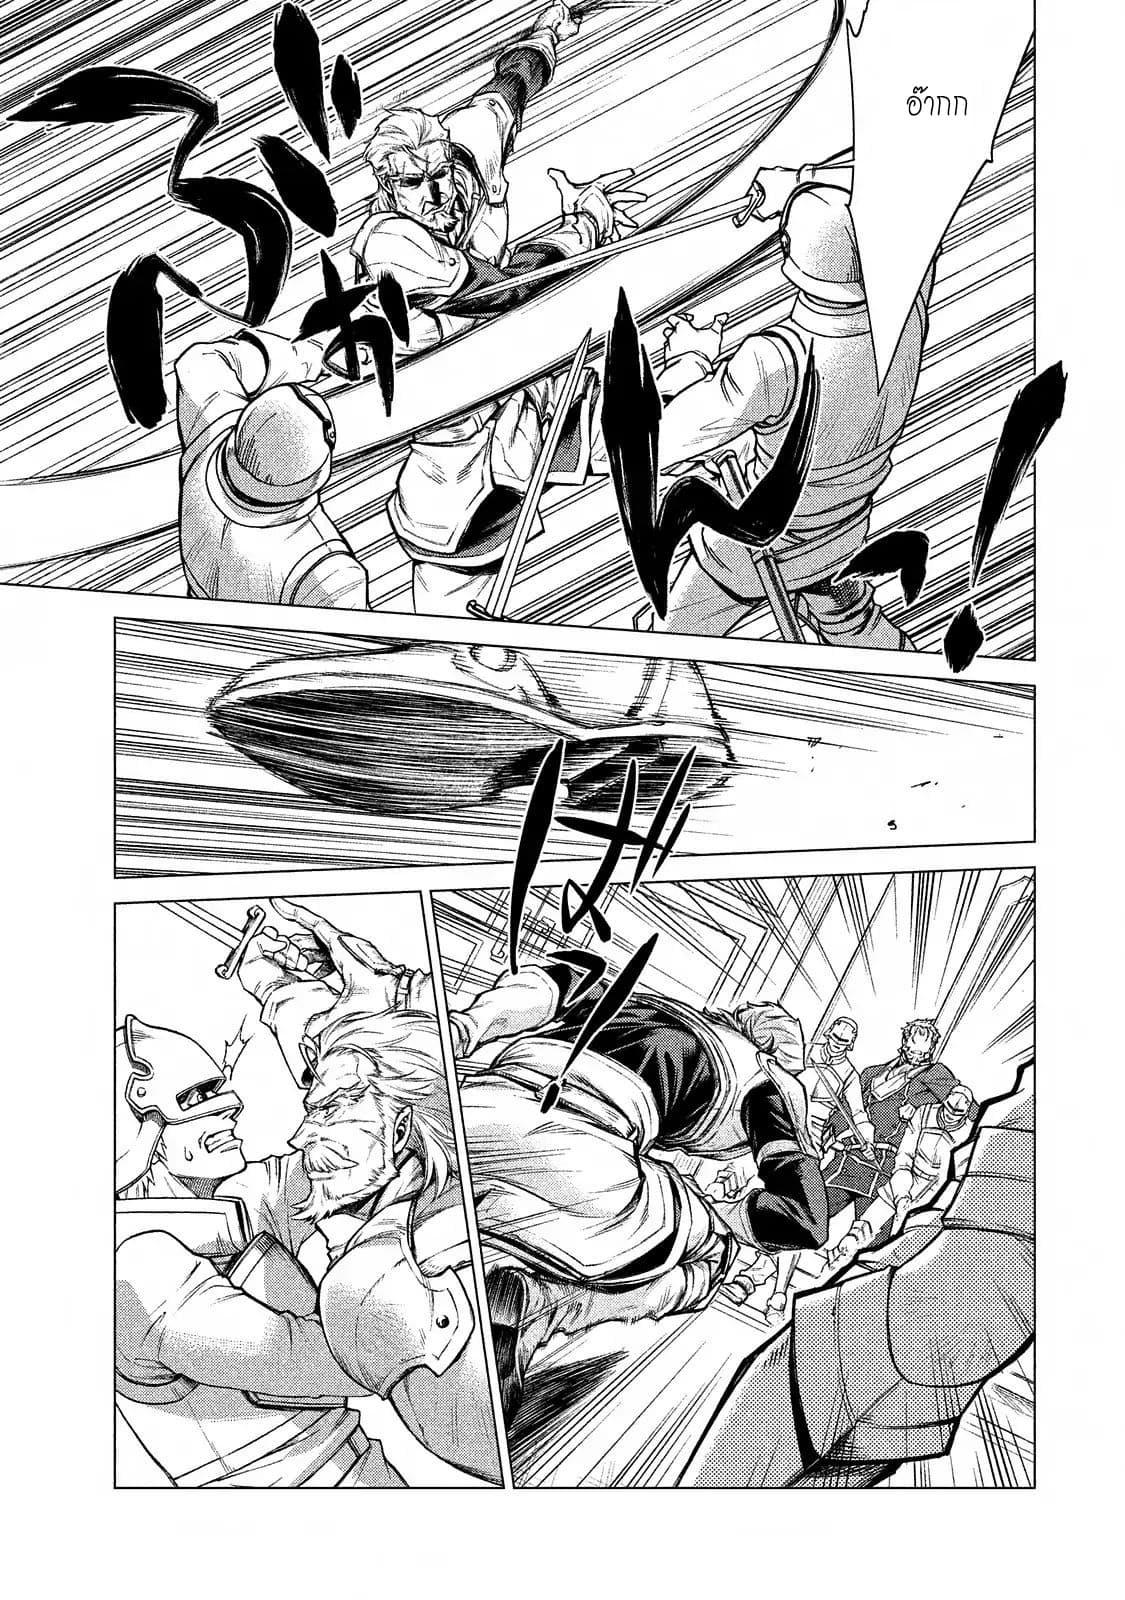 อ่านการ์ตูน Henkyou no Roukishi - Bard Loen ตอนที่ 7 หน้าที่ 9